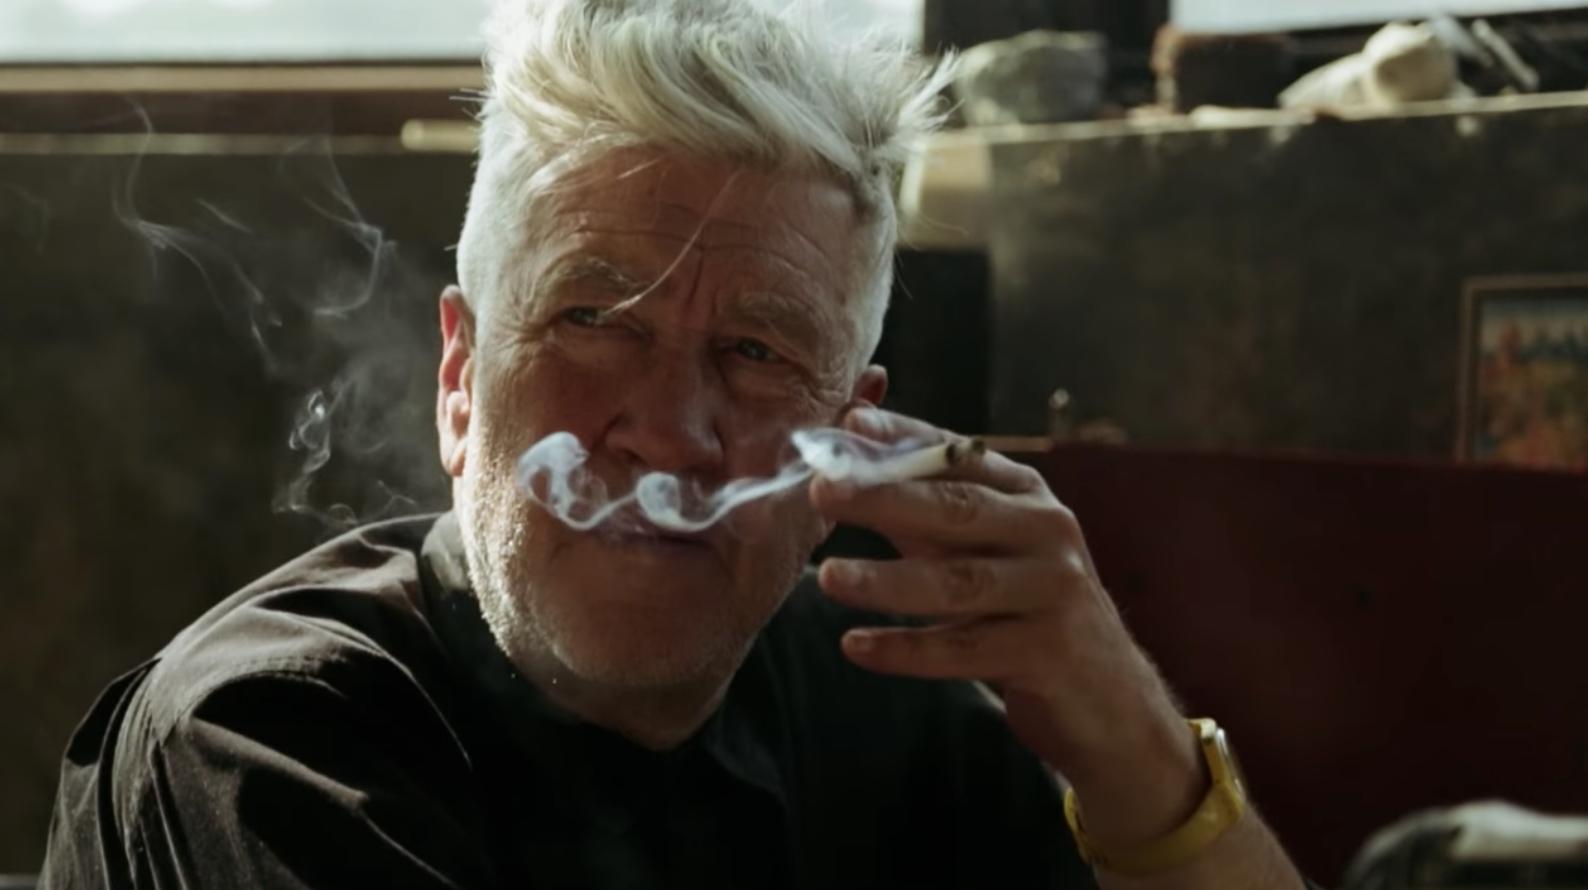 David Lynch: The Art Life, still